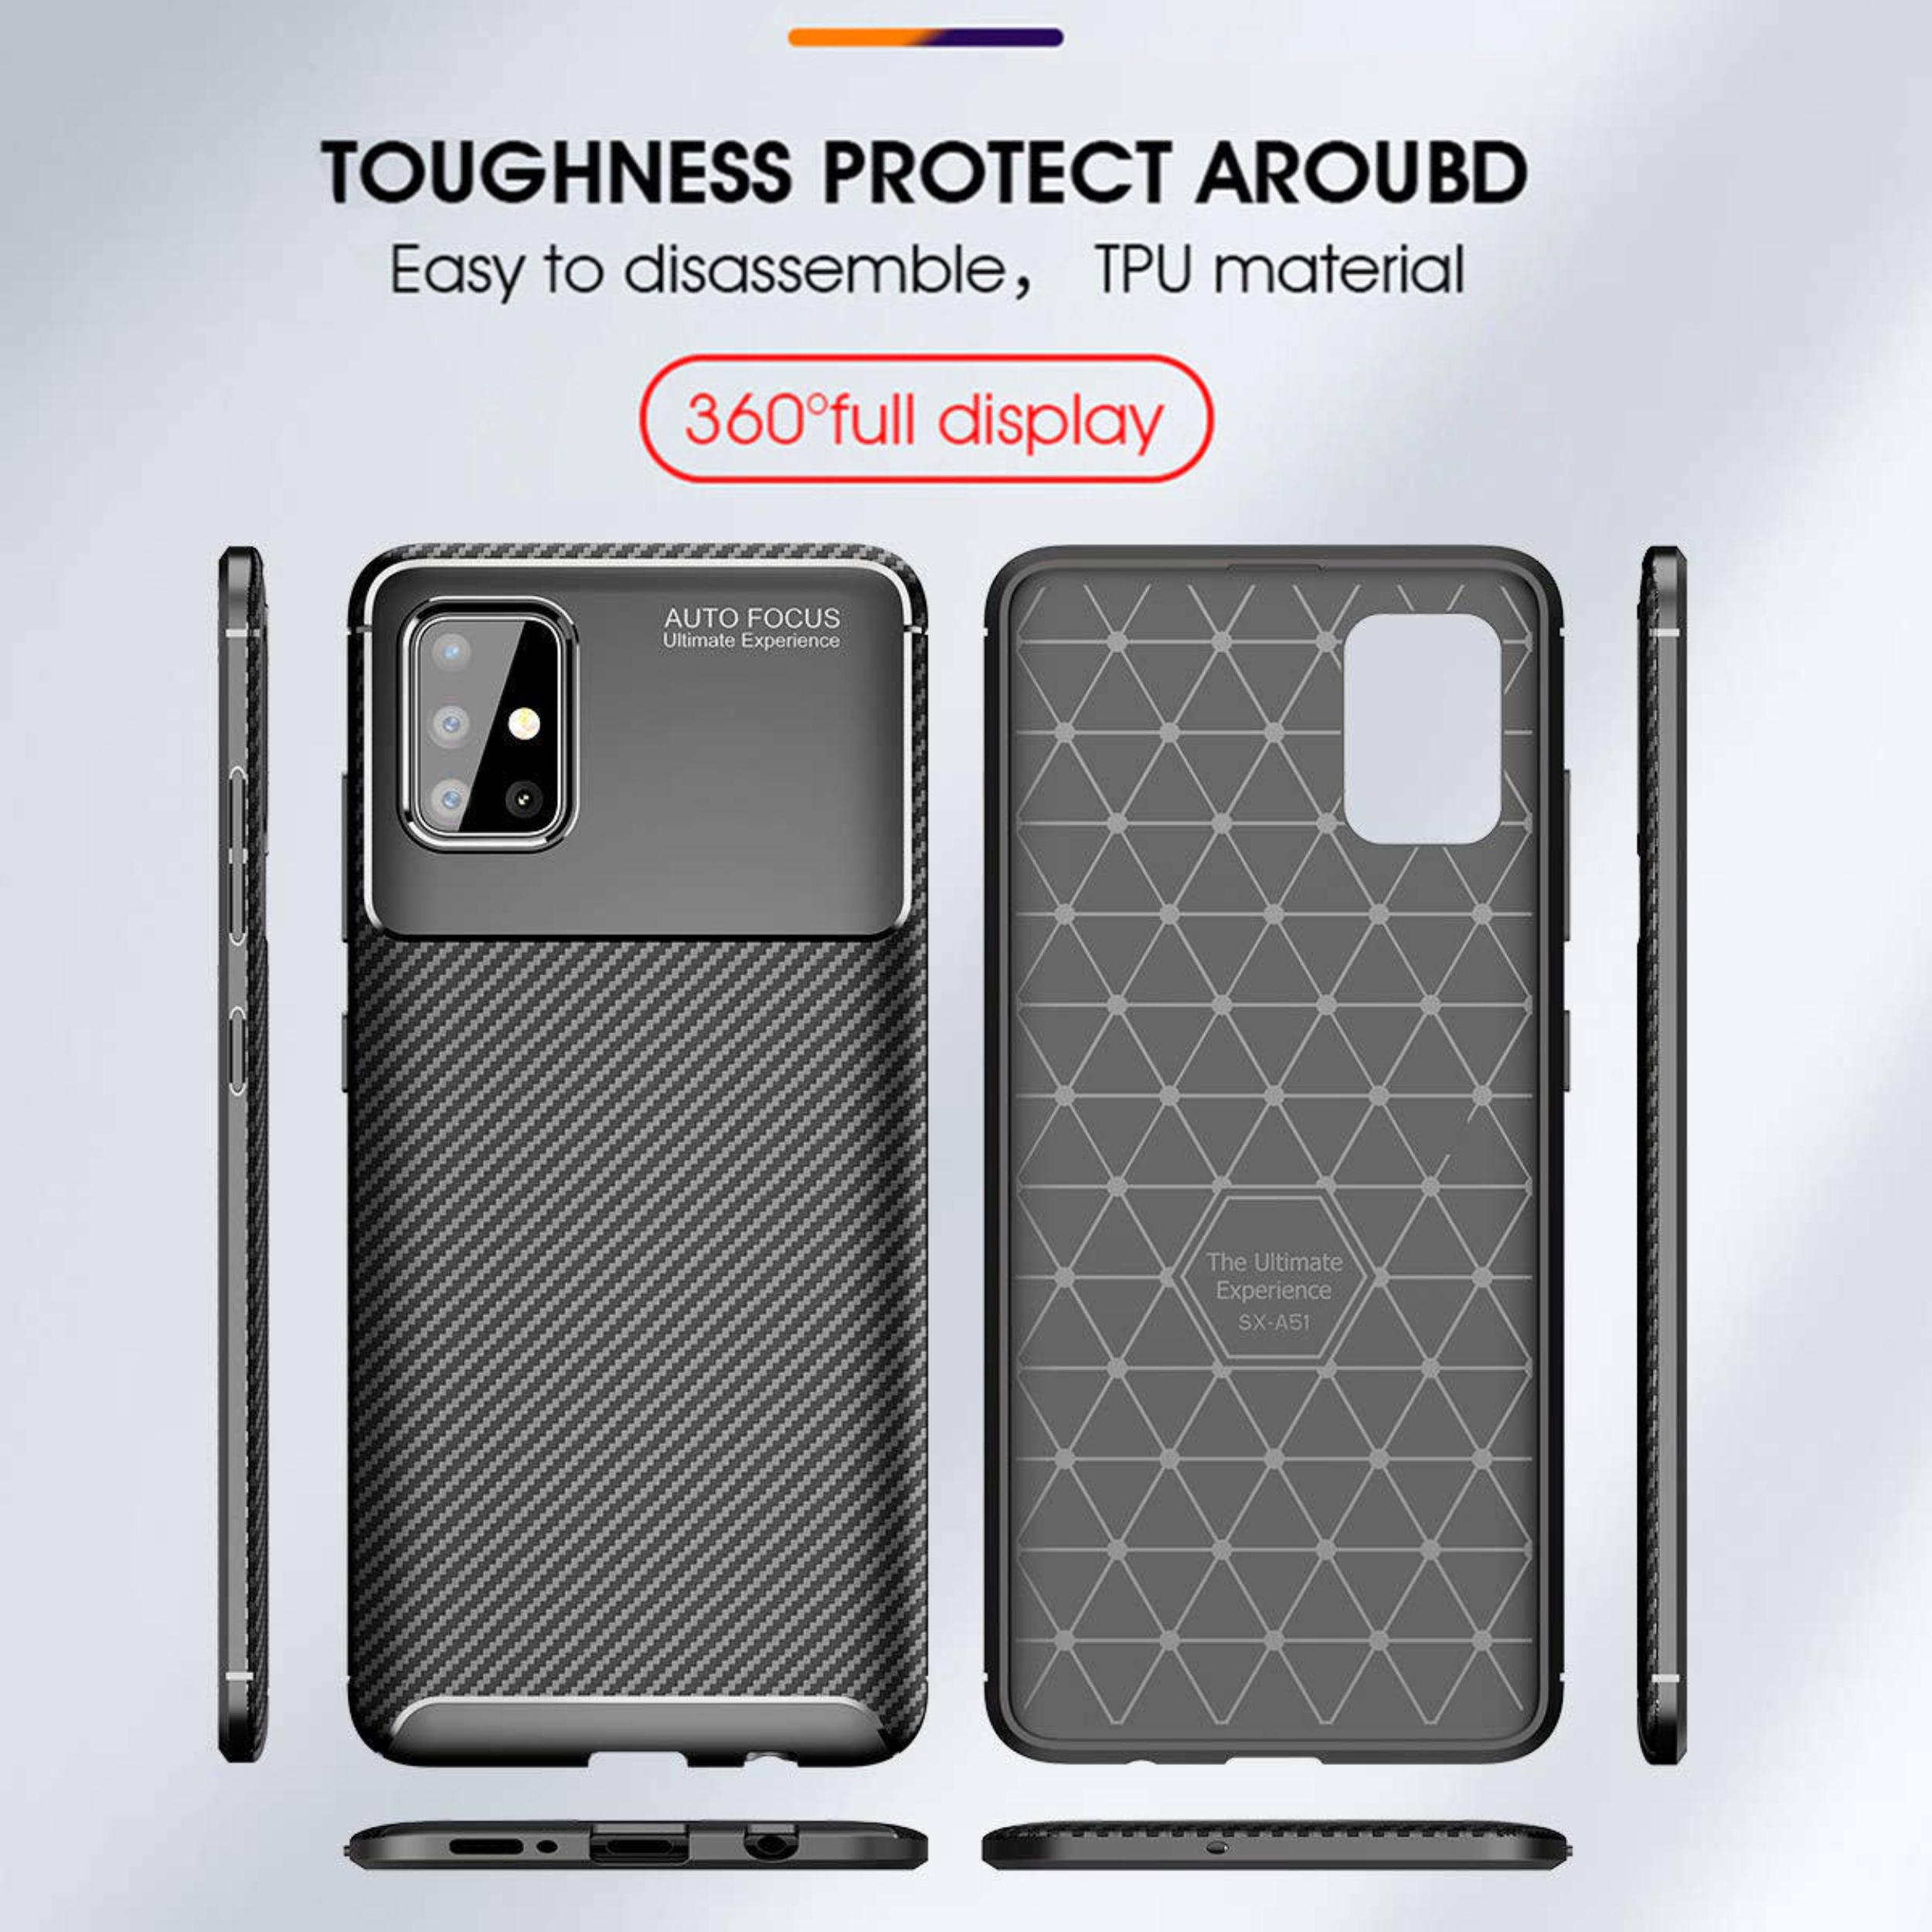 کاور لاین کینگ مدل A21 مناسب برای گوشی موبایل سامسونگ Galaxy A51 thumb 2 13